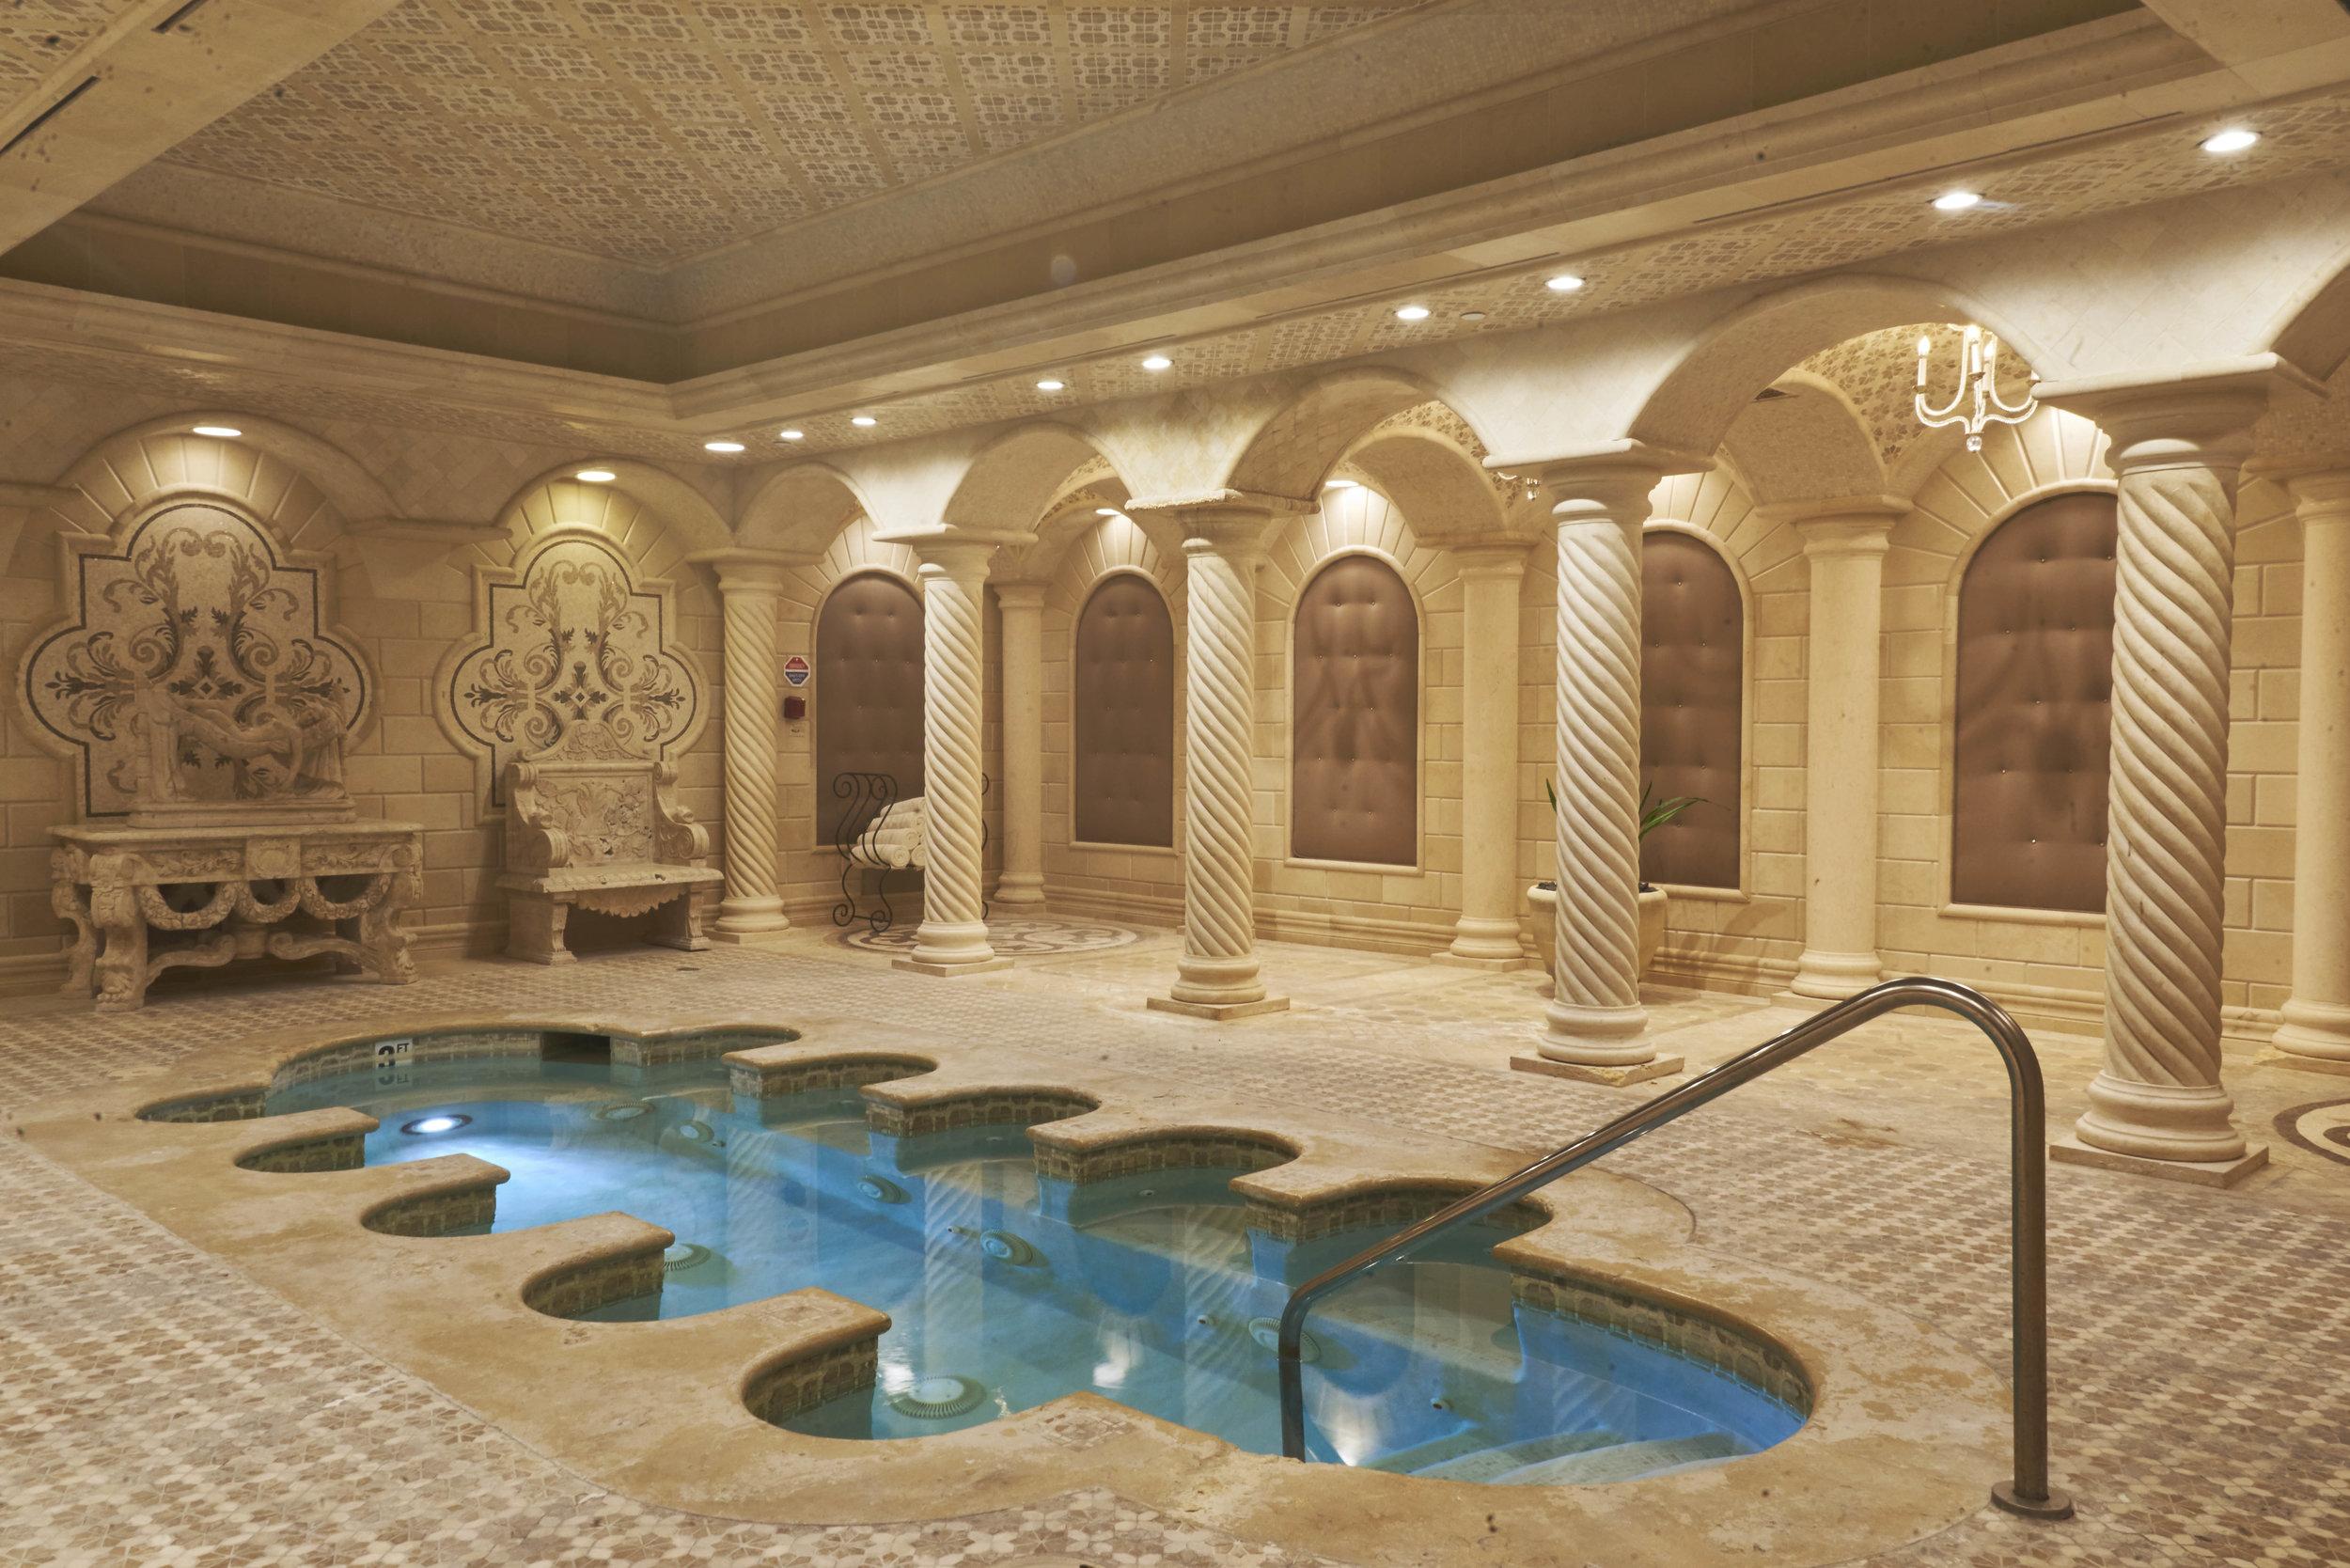 QueensRidge_interior8.jpg